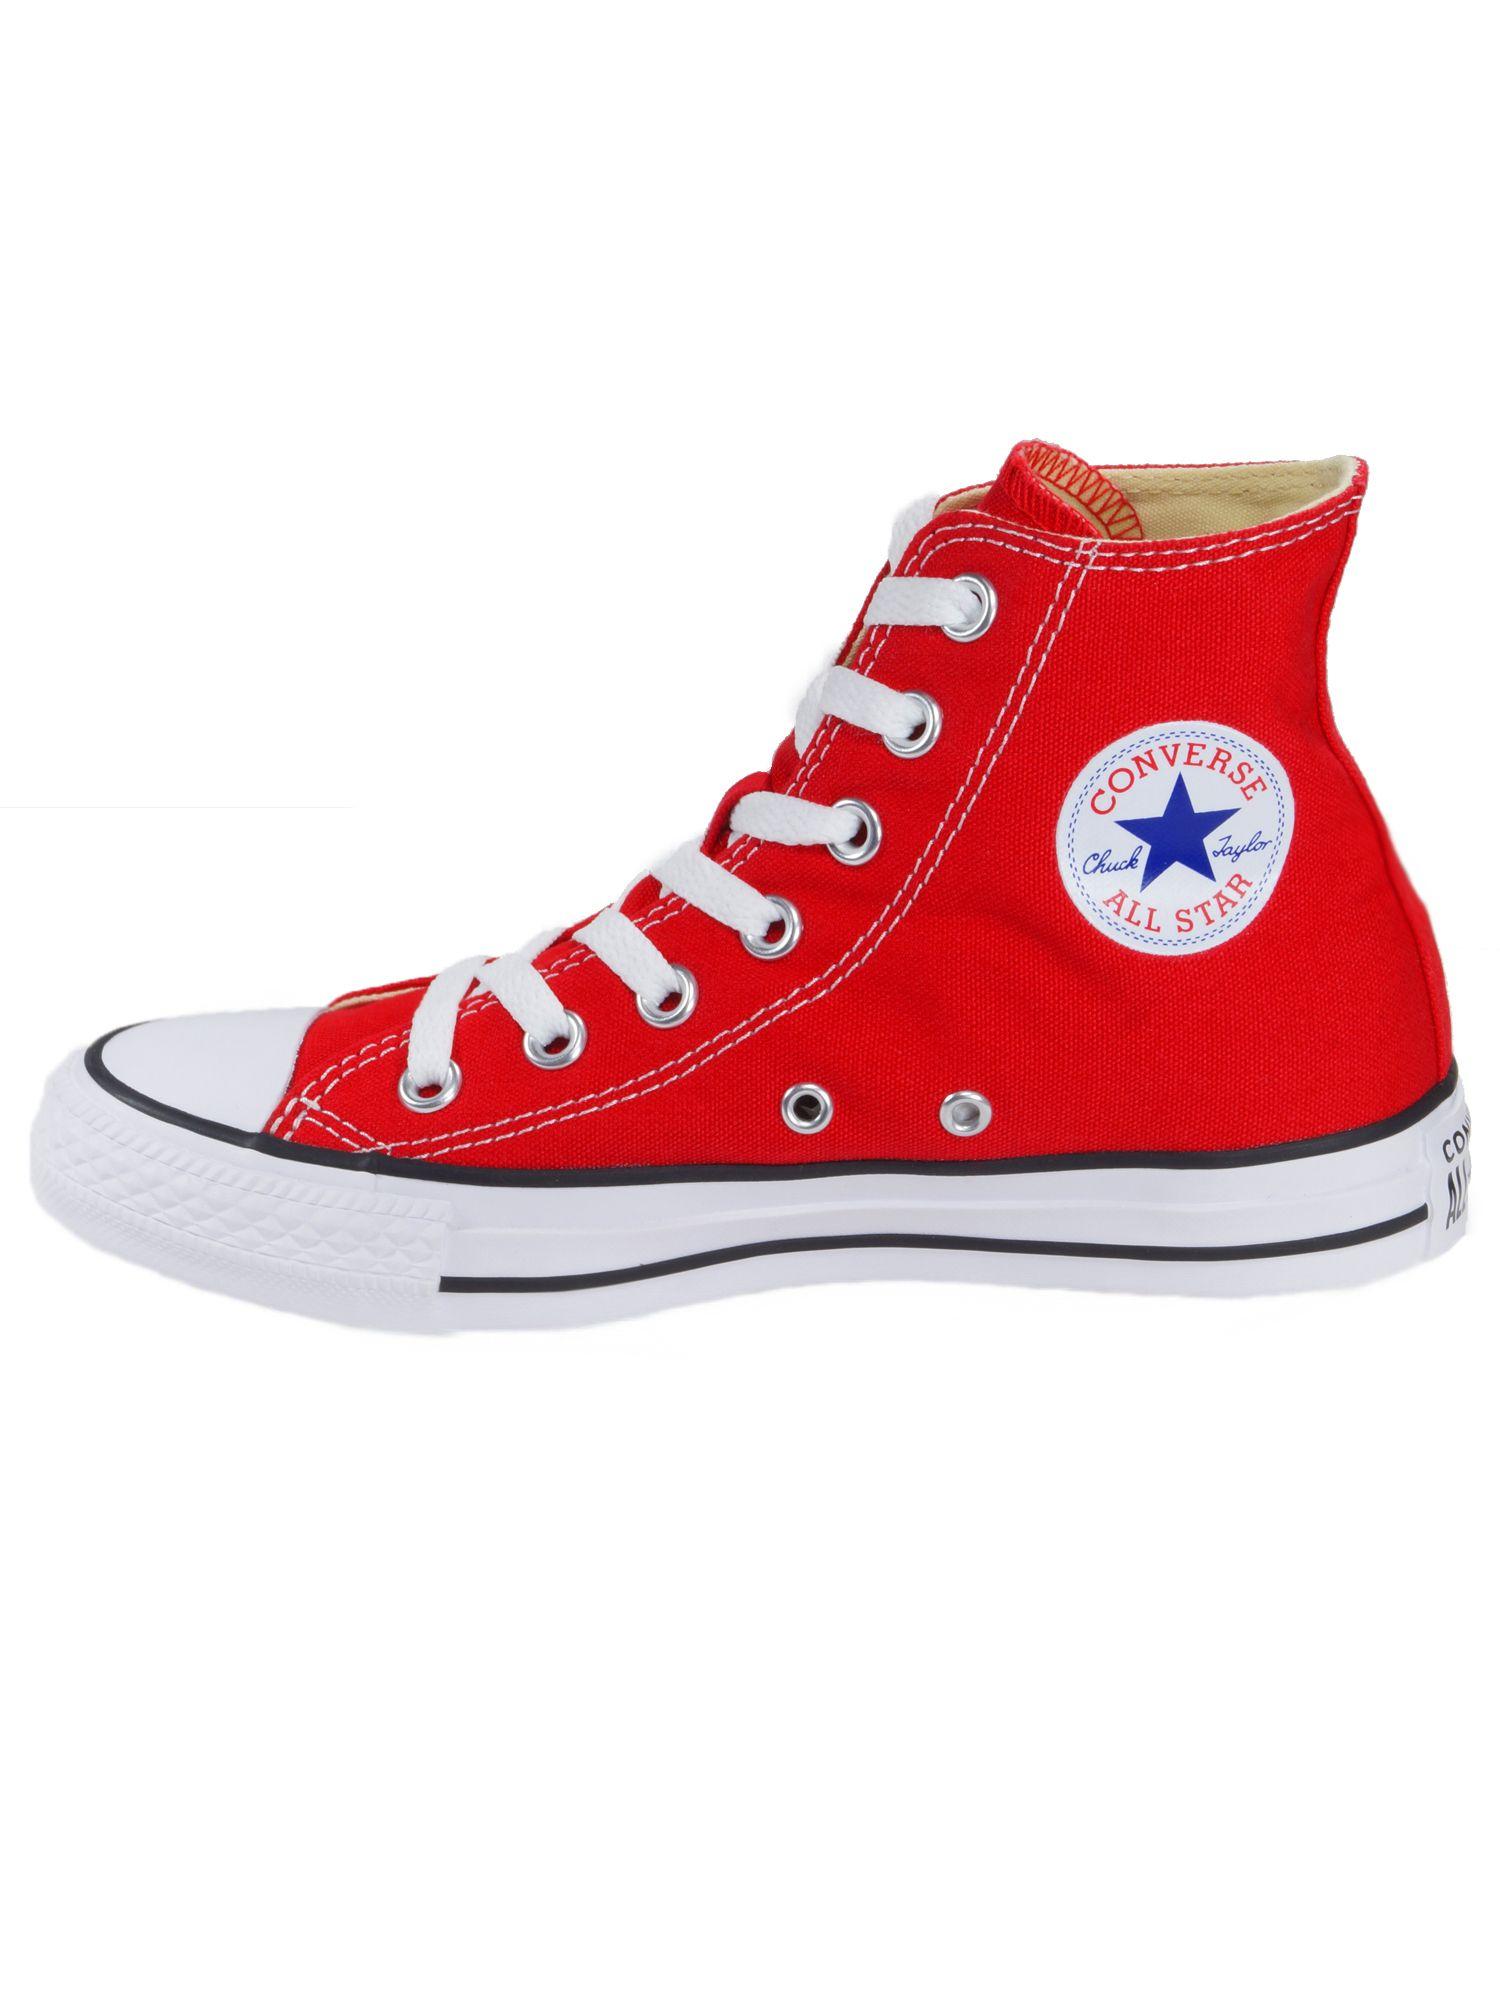 Converse Damen Schuhe CT All Star Hi Rot Leinen Sneakers Gr. 38 - yatego.com